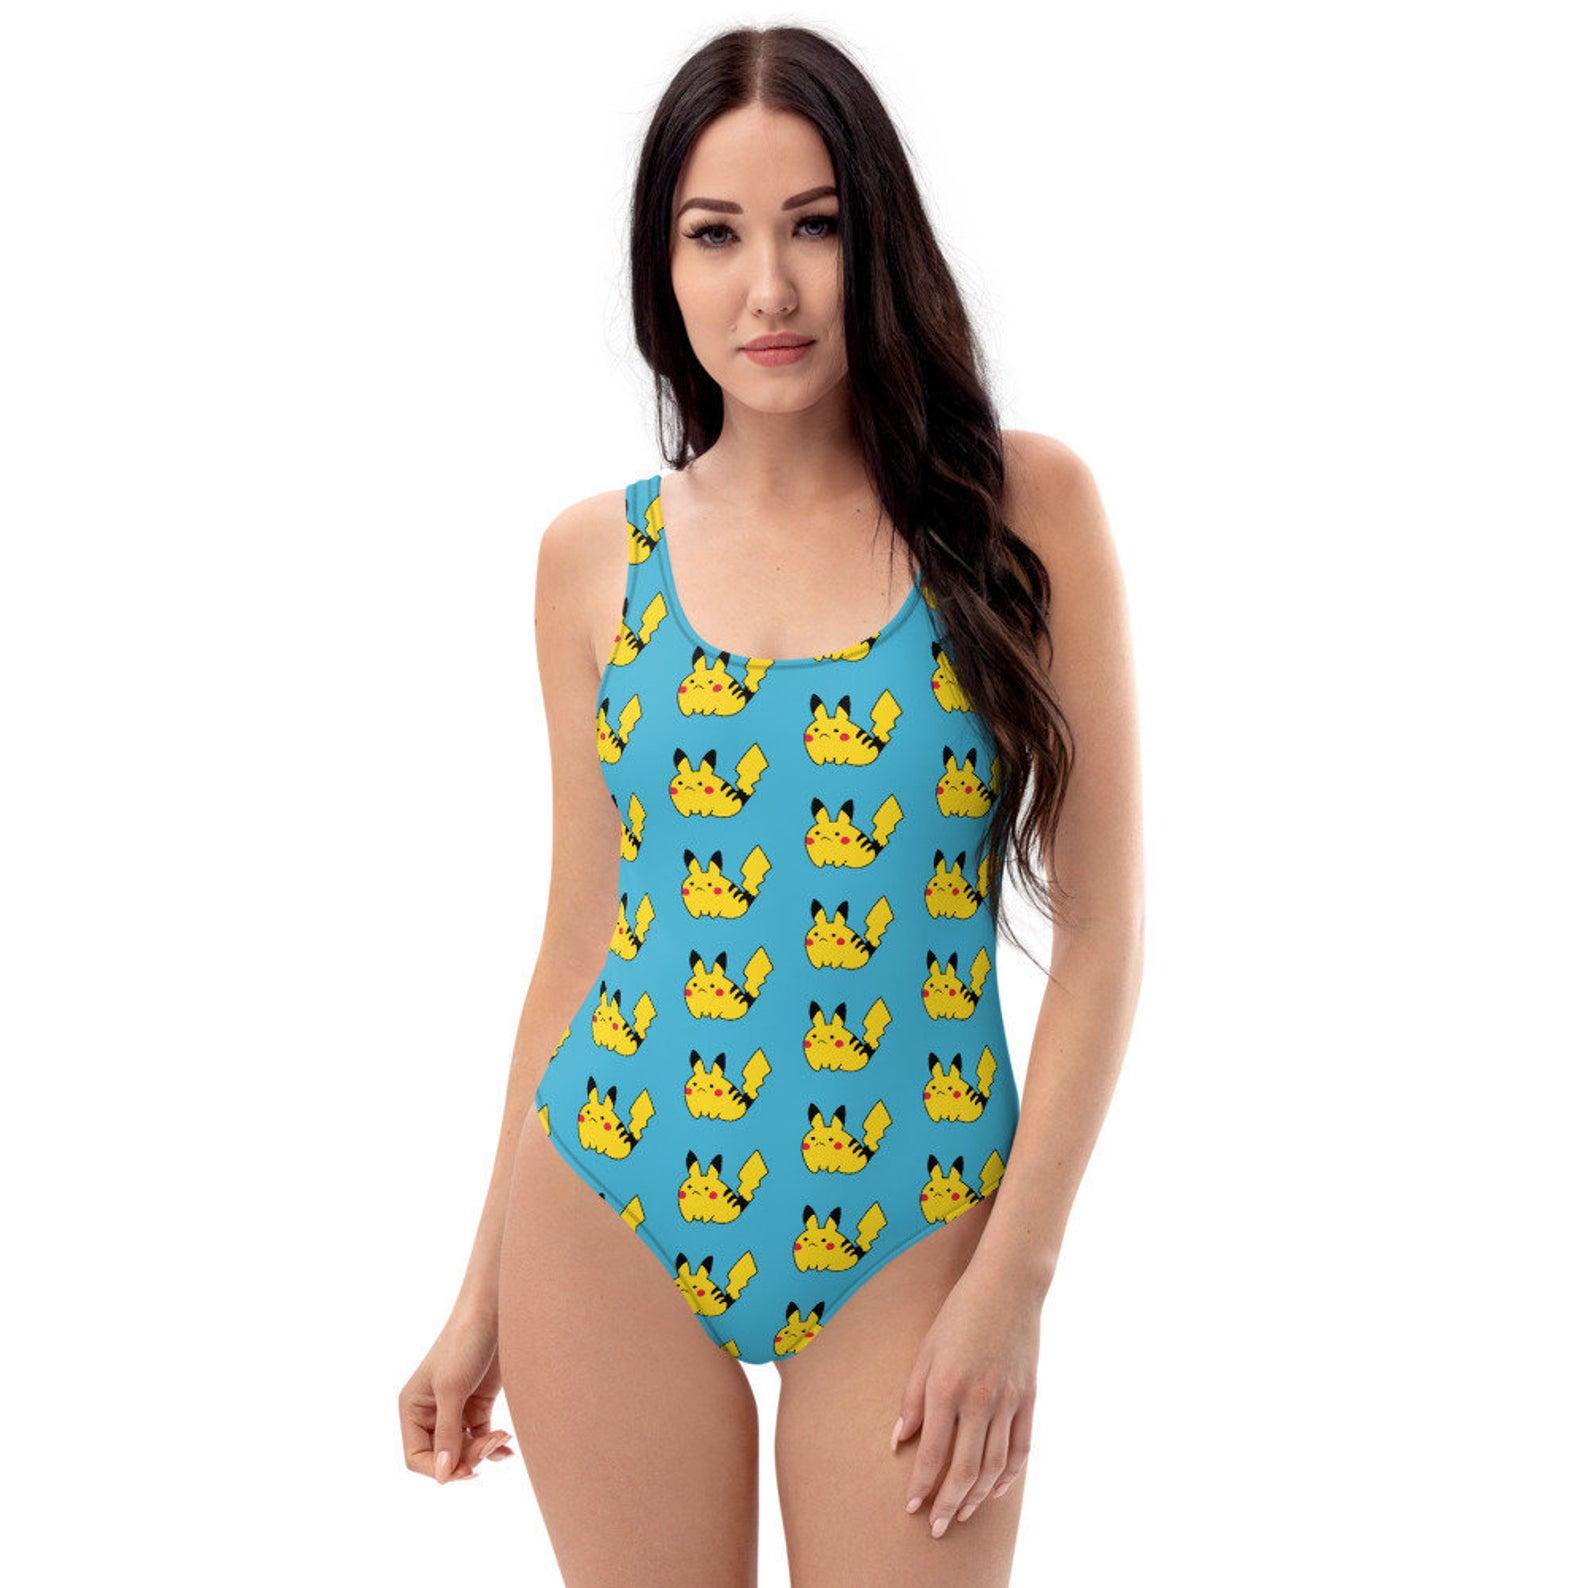 Nerdy Swimsuits - Pikachu